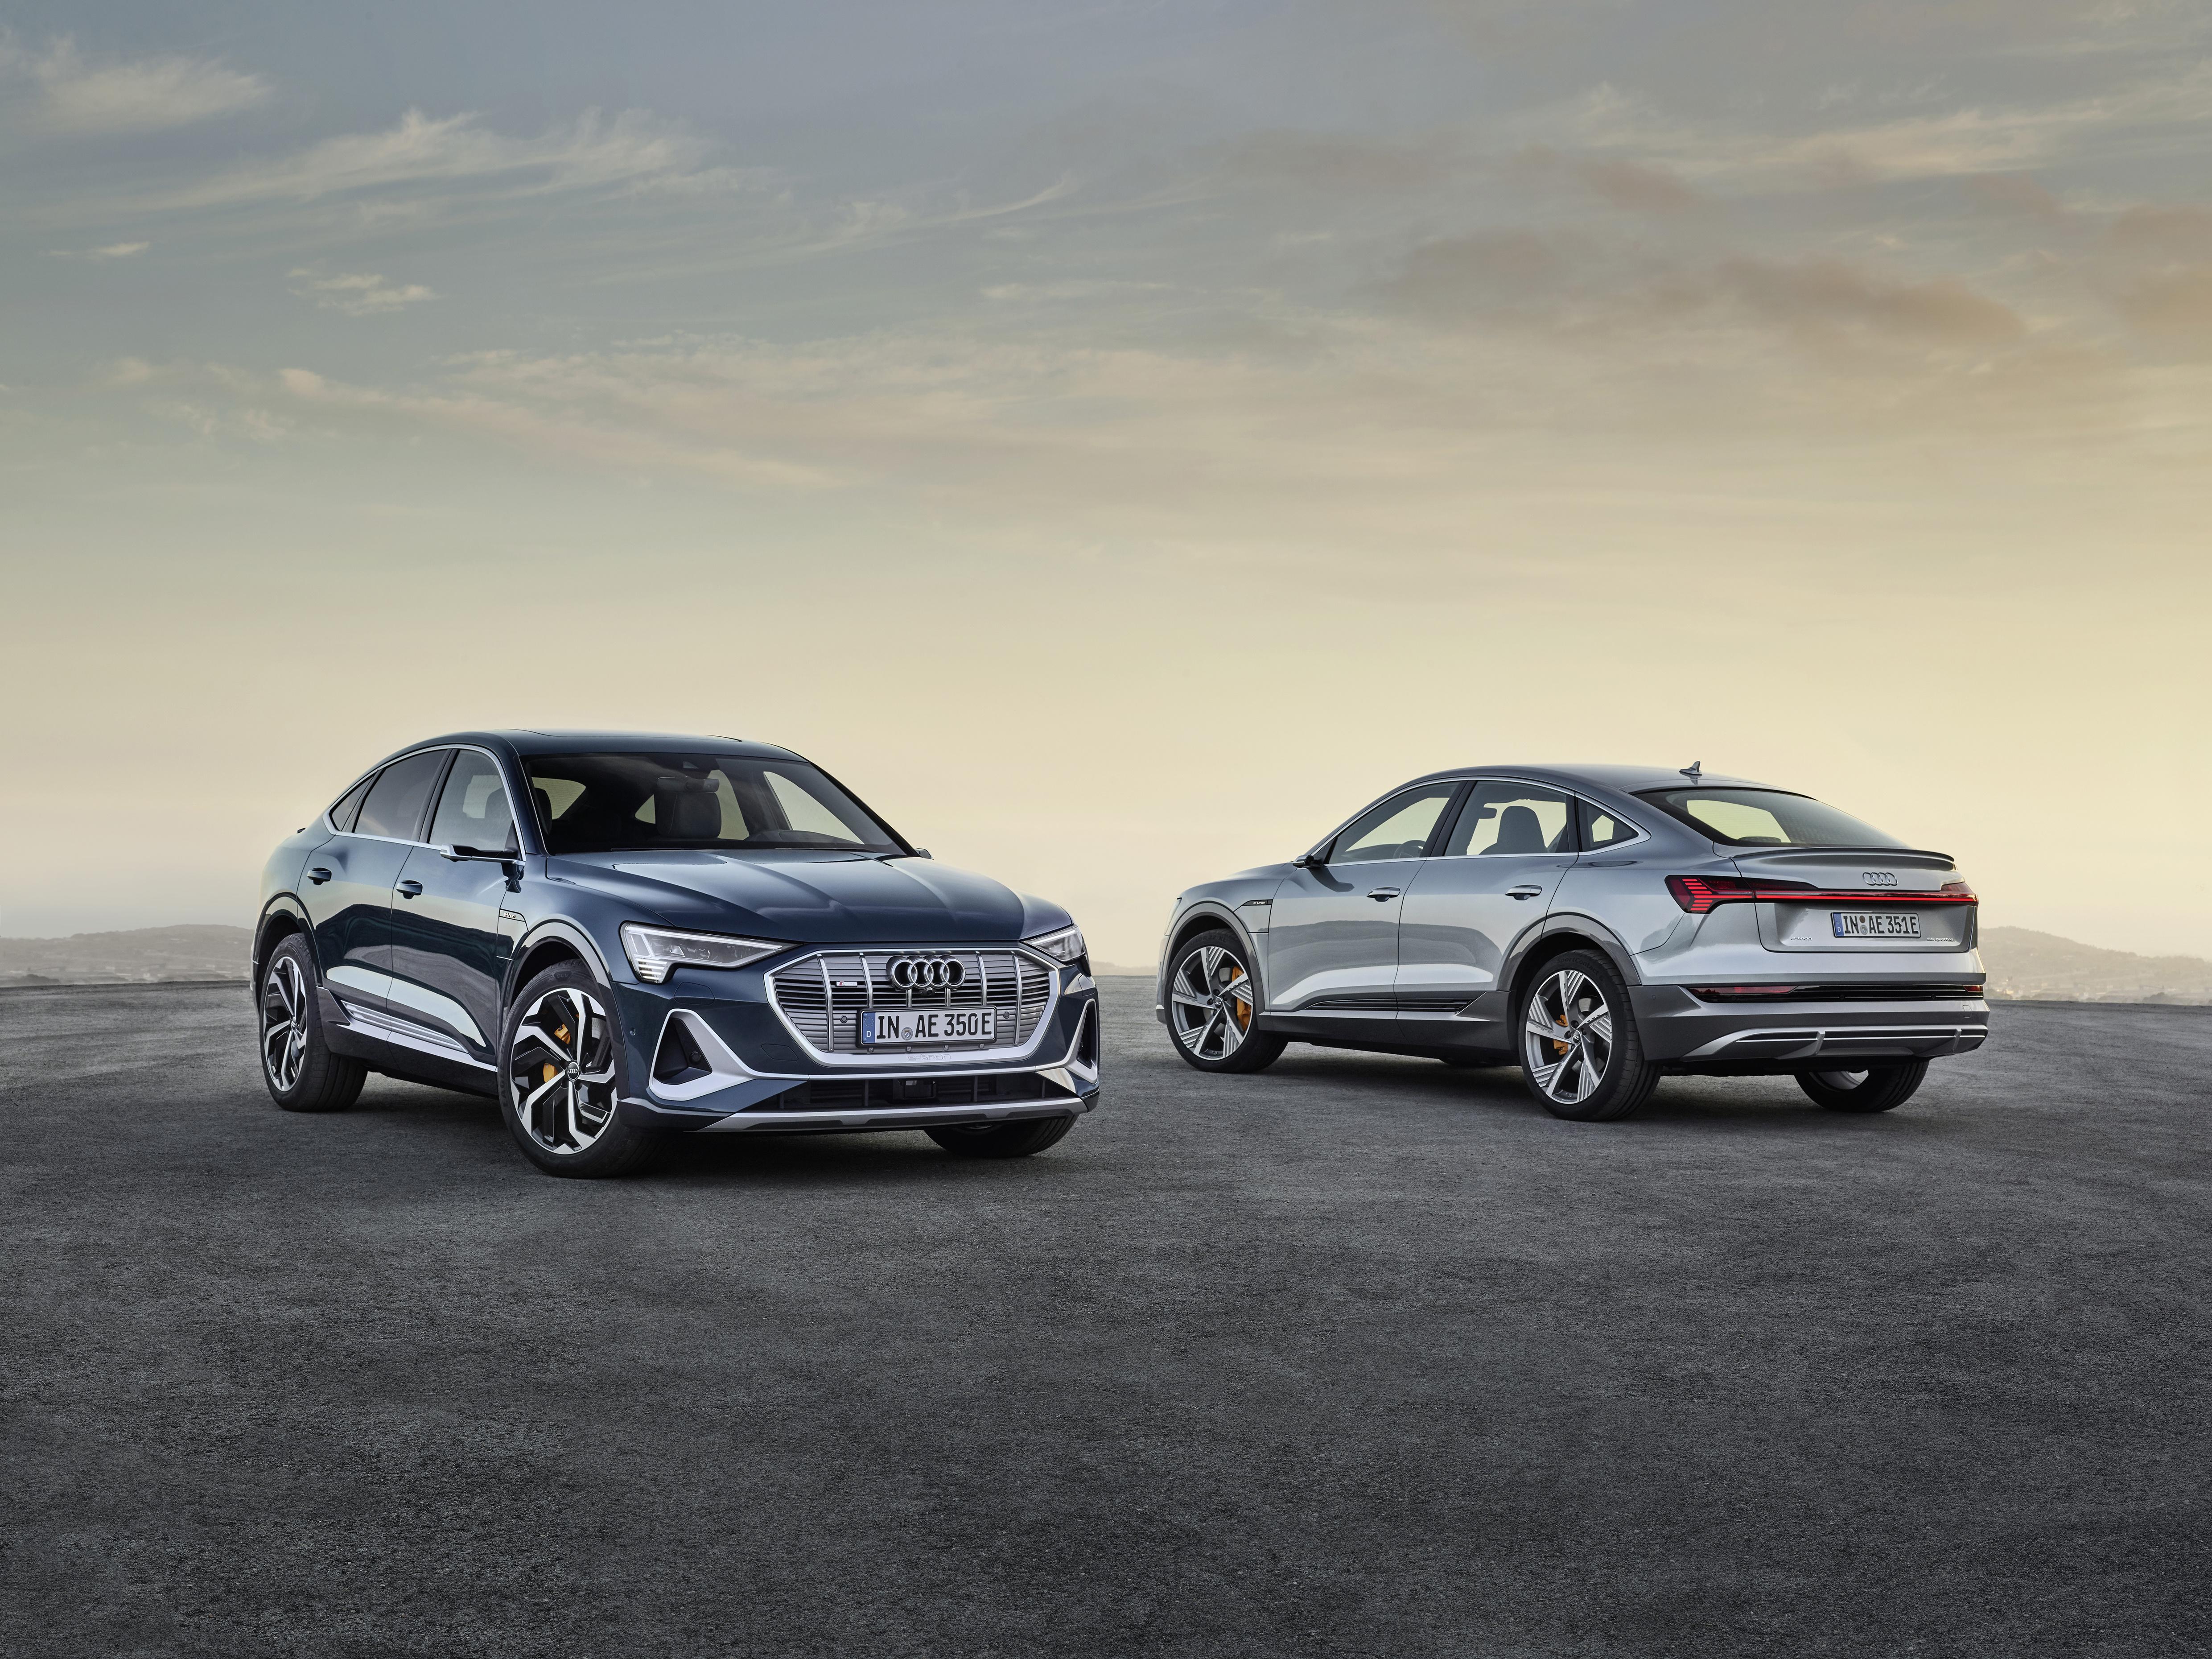 L'Audi e-tron Sportback est encore plus aérodynamique que sa sœur, l'Audi e-tron. (AUDI)